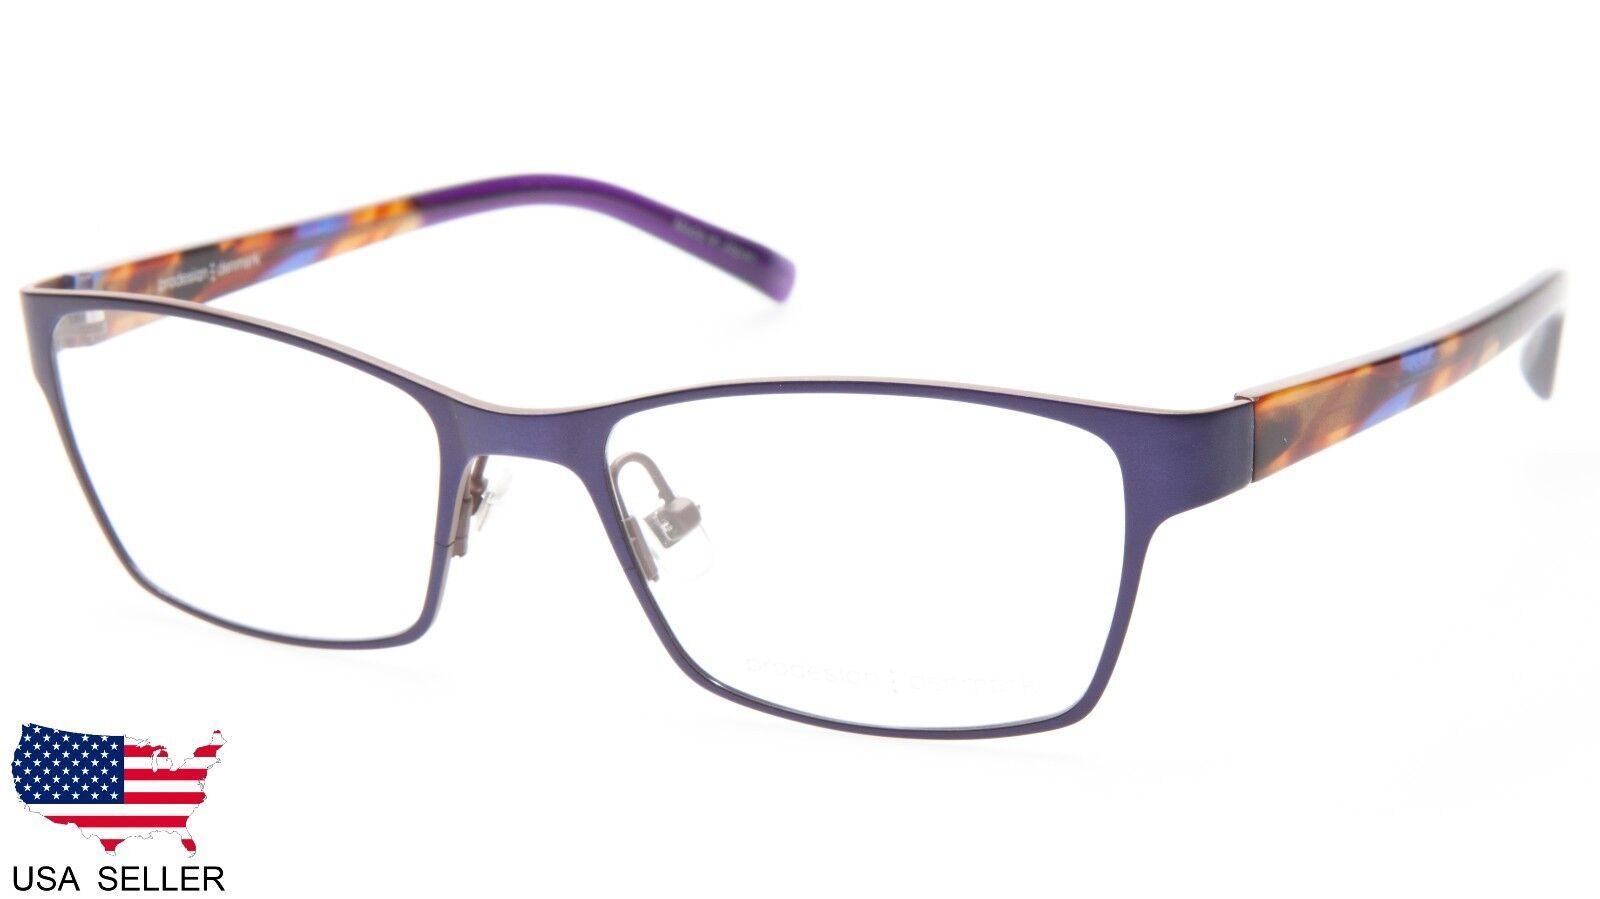 1b9152b629 PRODESIGN Denmark 1296 C.3031 Lilac Eyeglasses Frame 51-17-130 B34mm ...